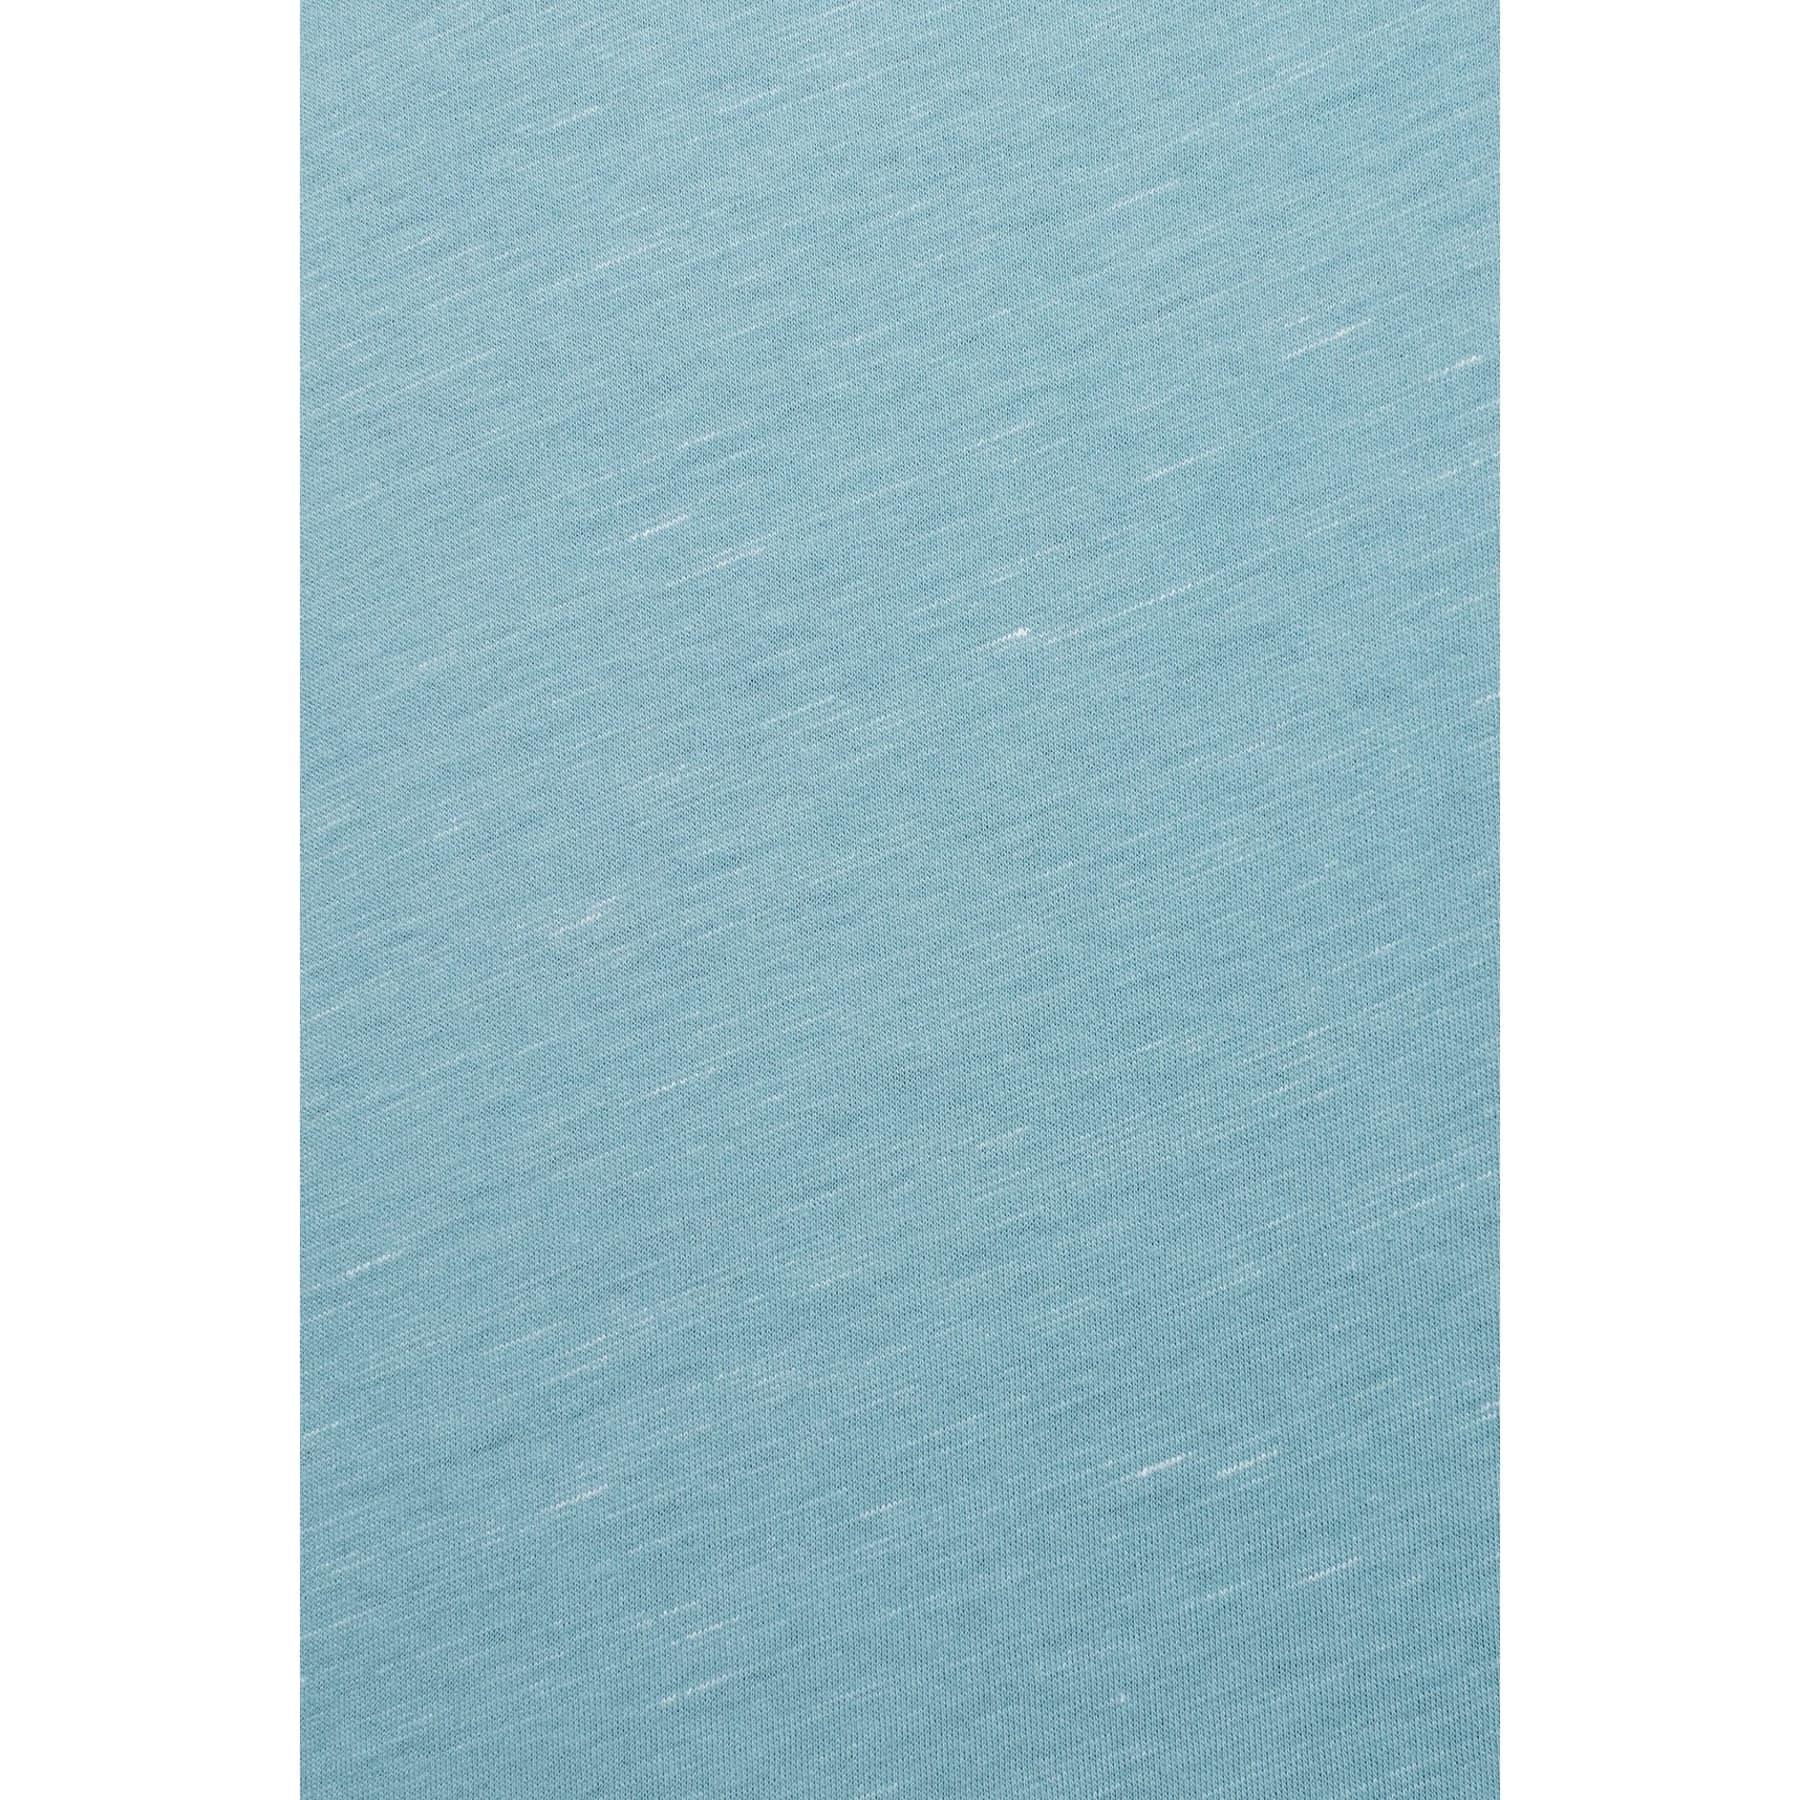 Tişört Göl Mavi